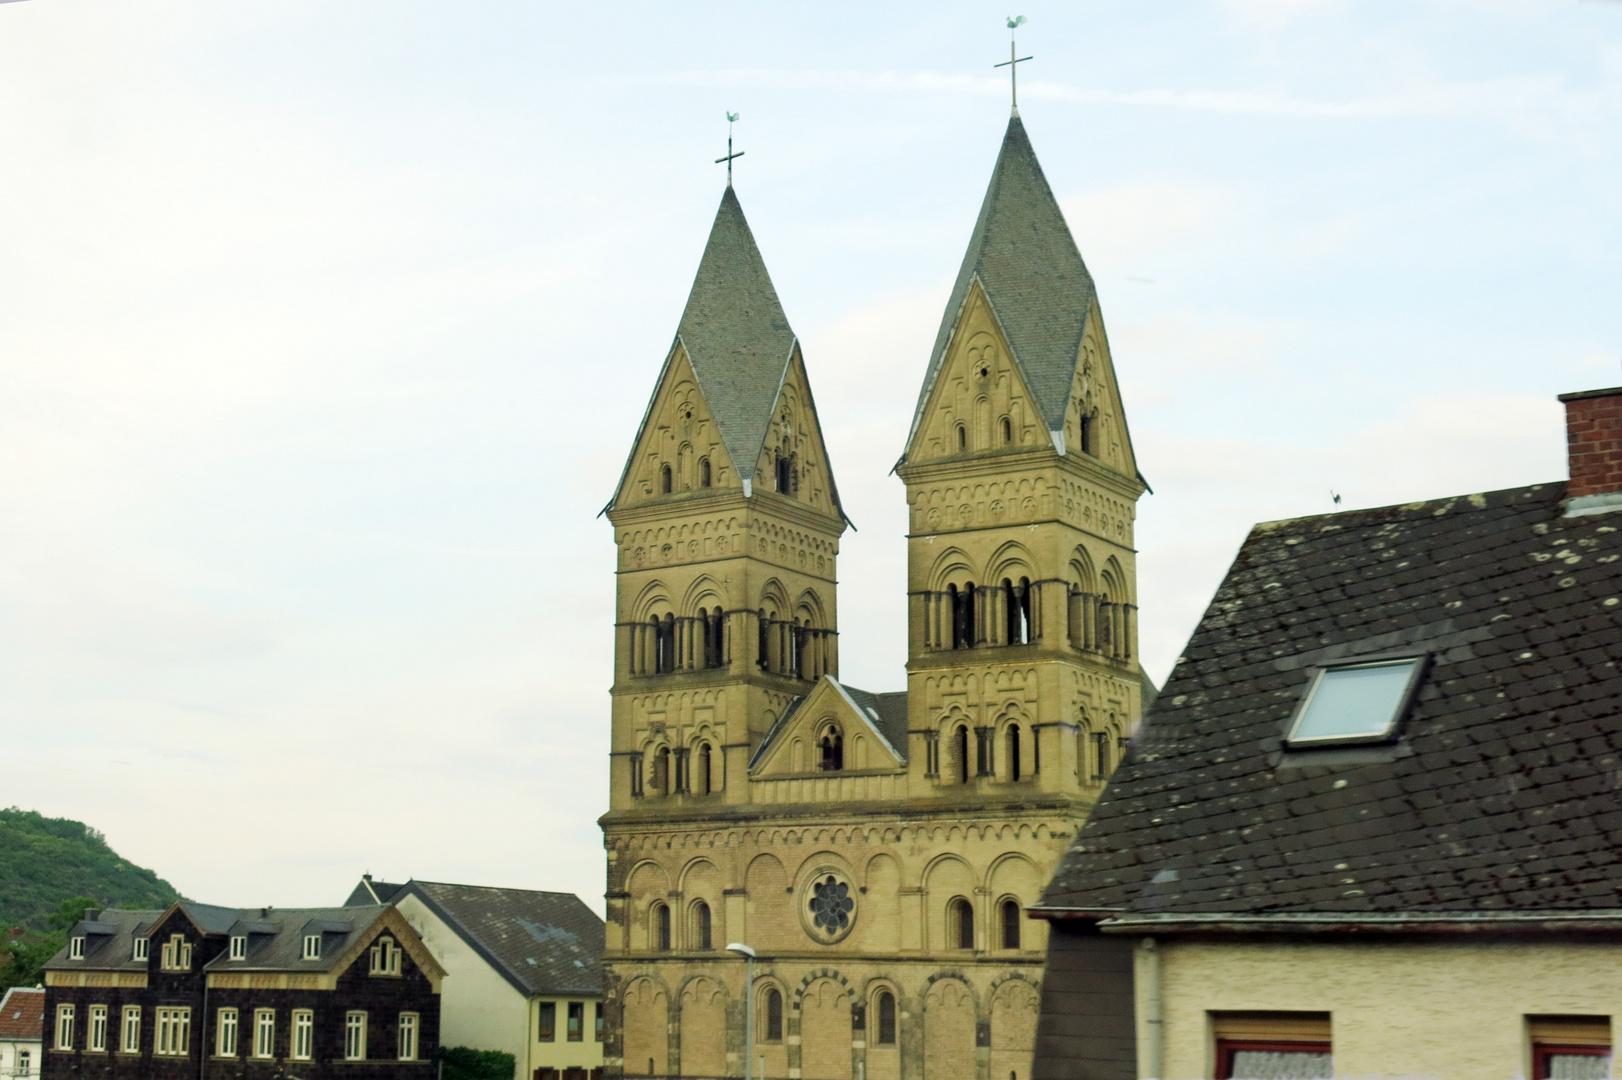 Rheinisches Rautendach